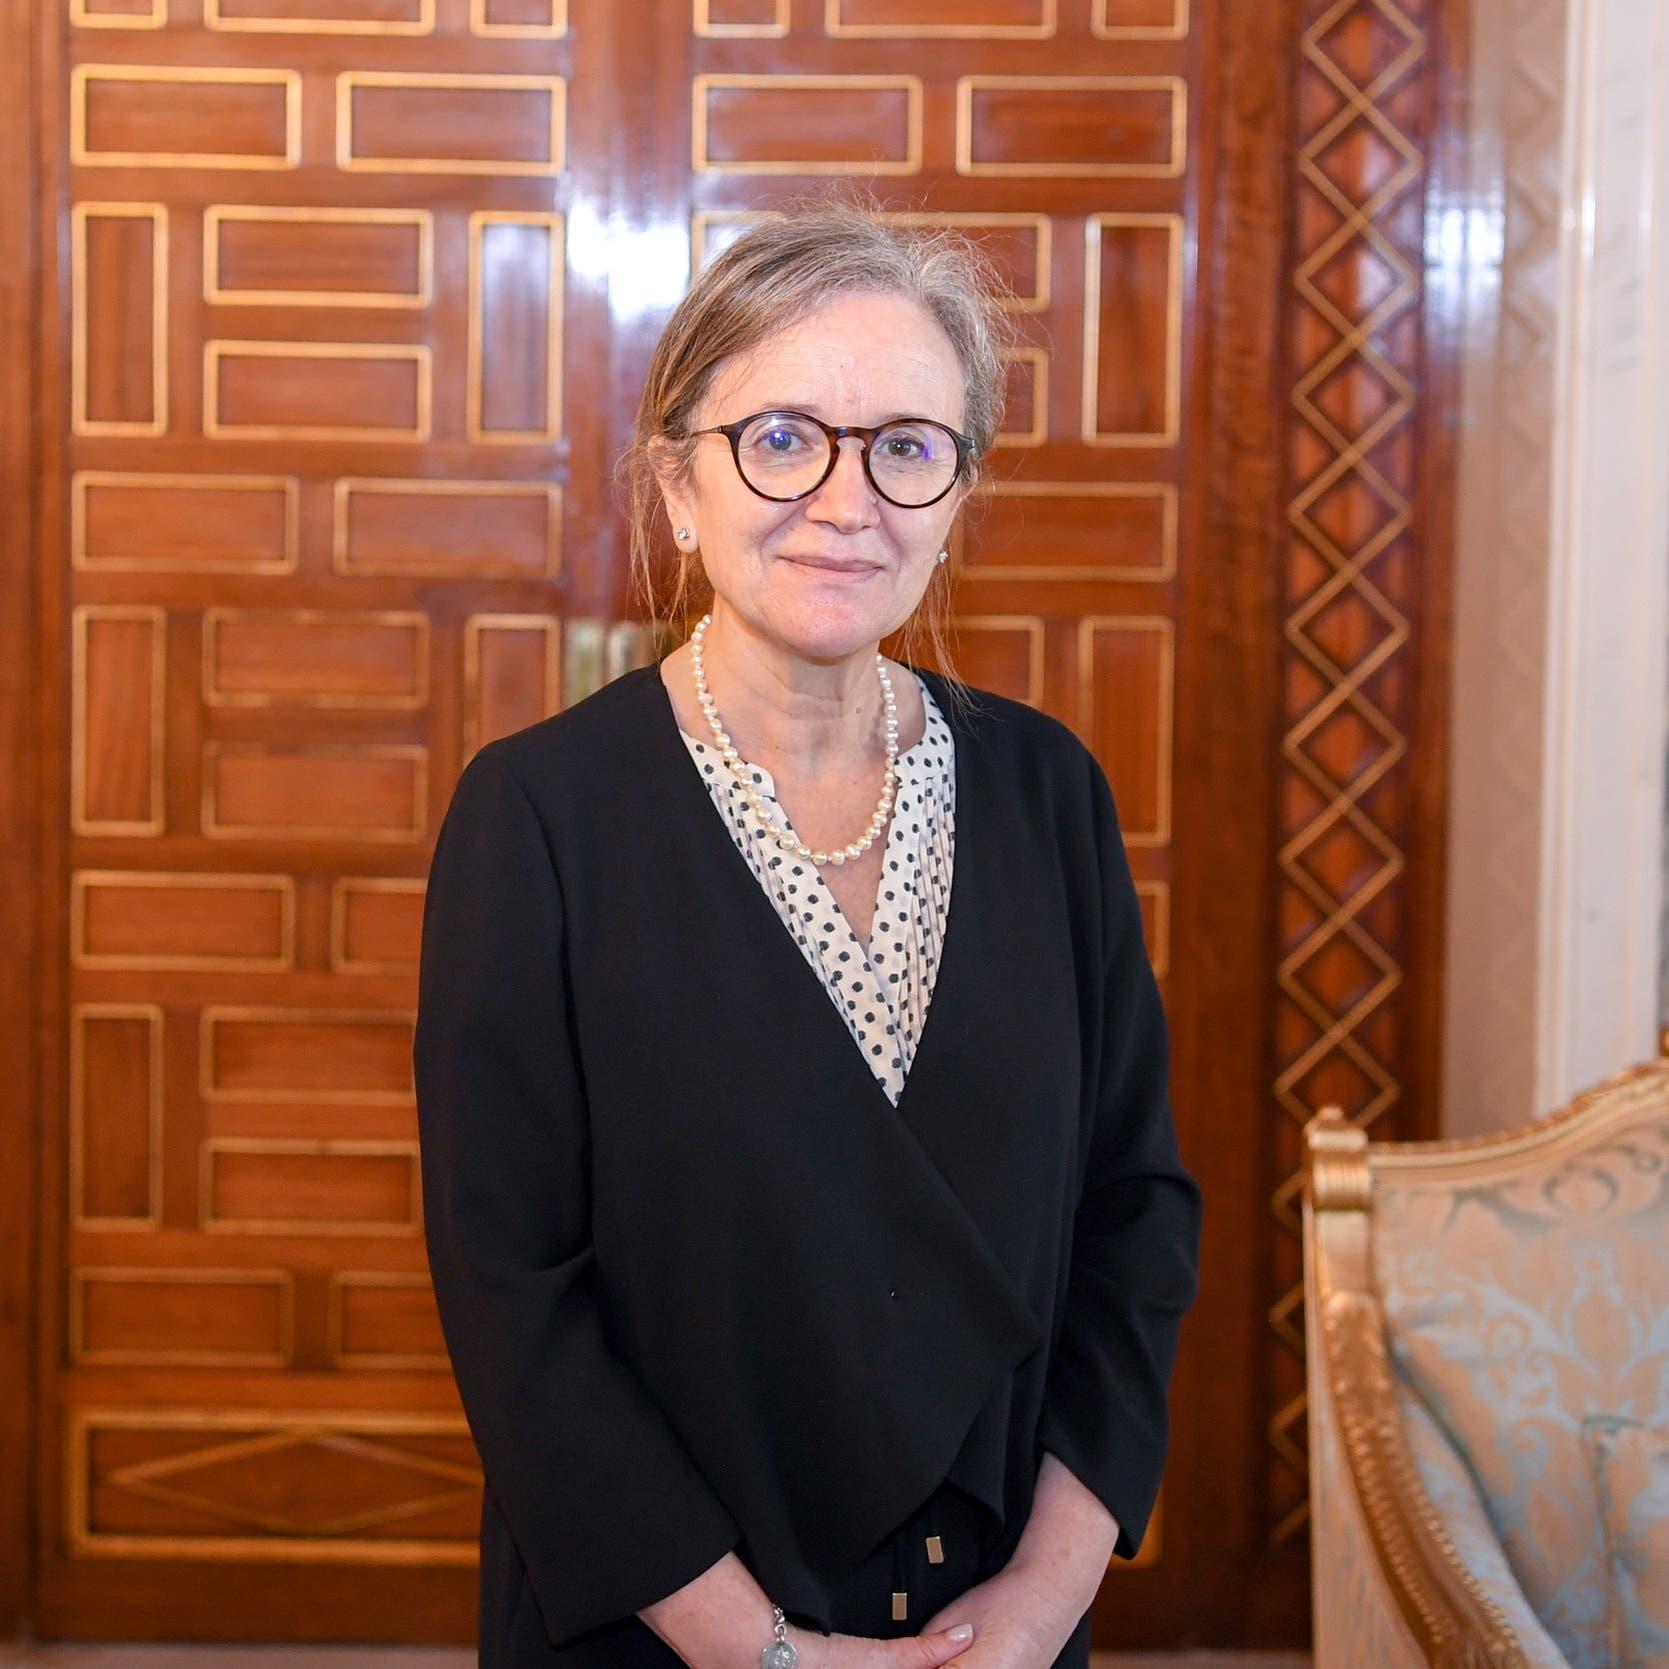 A woman prime minister in Tunisia